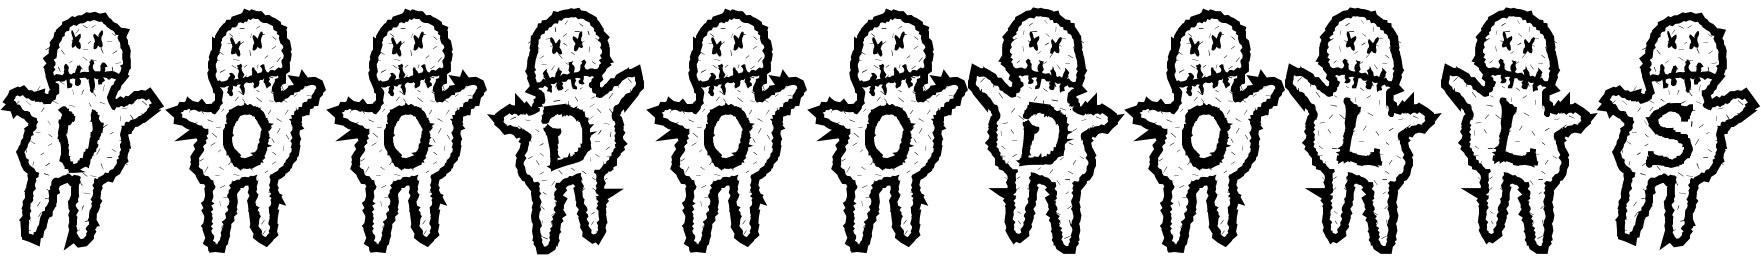 VoodooDolls